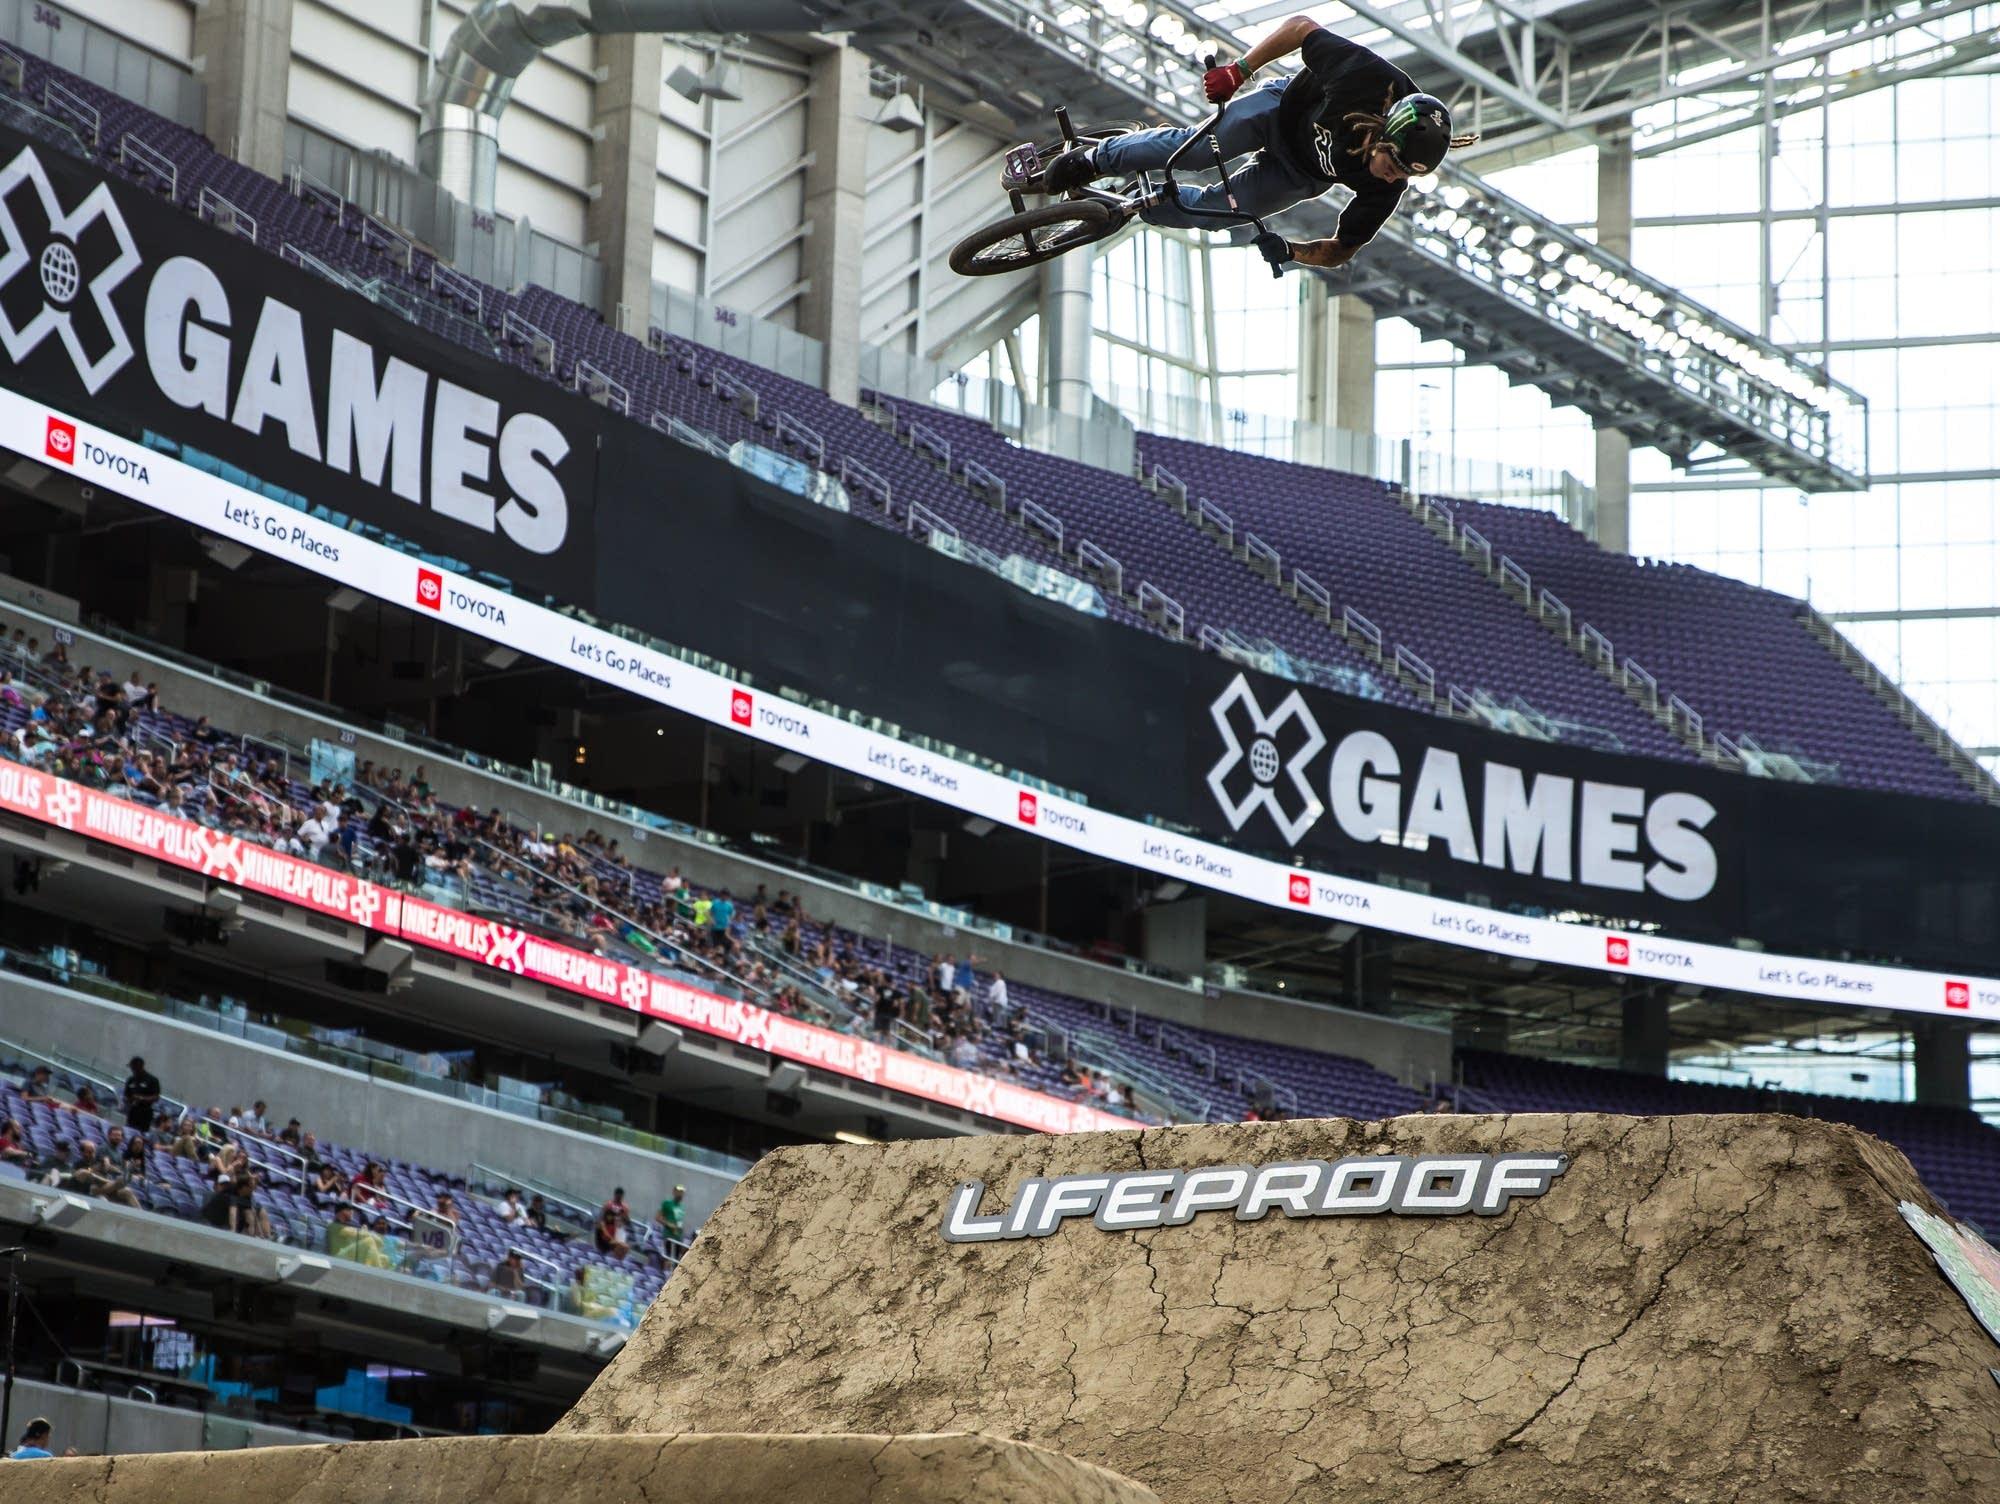 X Games Minneapolis